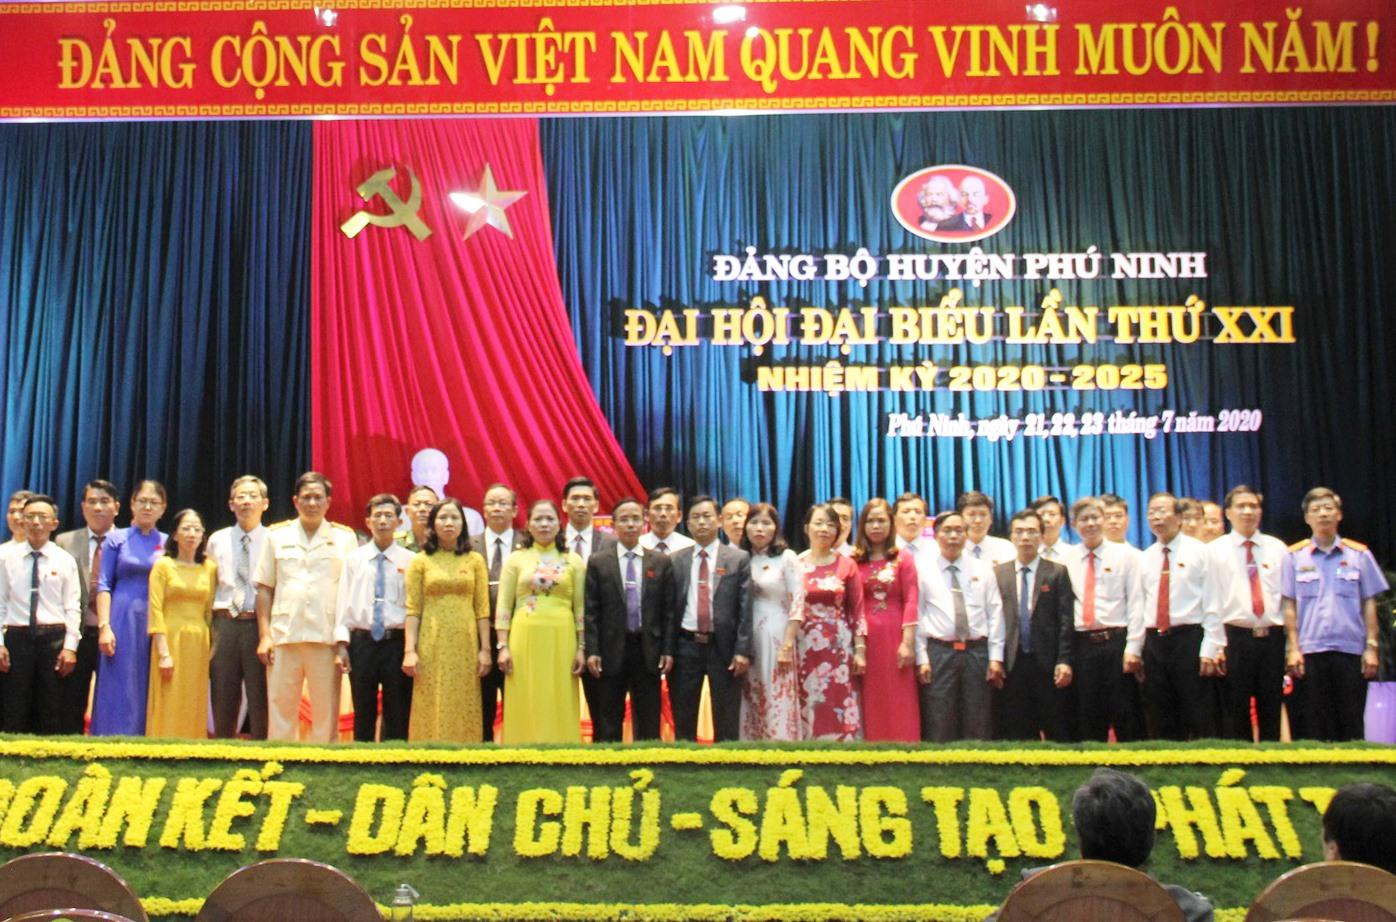 39 đồng chí vừa được bầu vào Ban Chấp hành Đảng bộ huyện Phú Ninh khóa XXI (nhiệm kỳ 2020 - 2025). Ảnh: VINH ANH